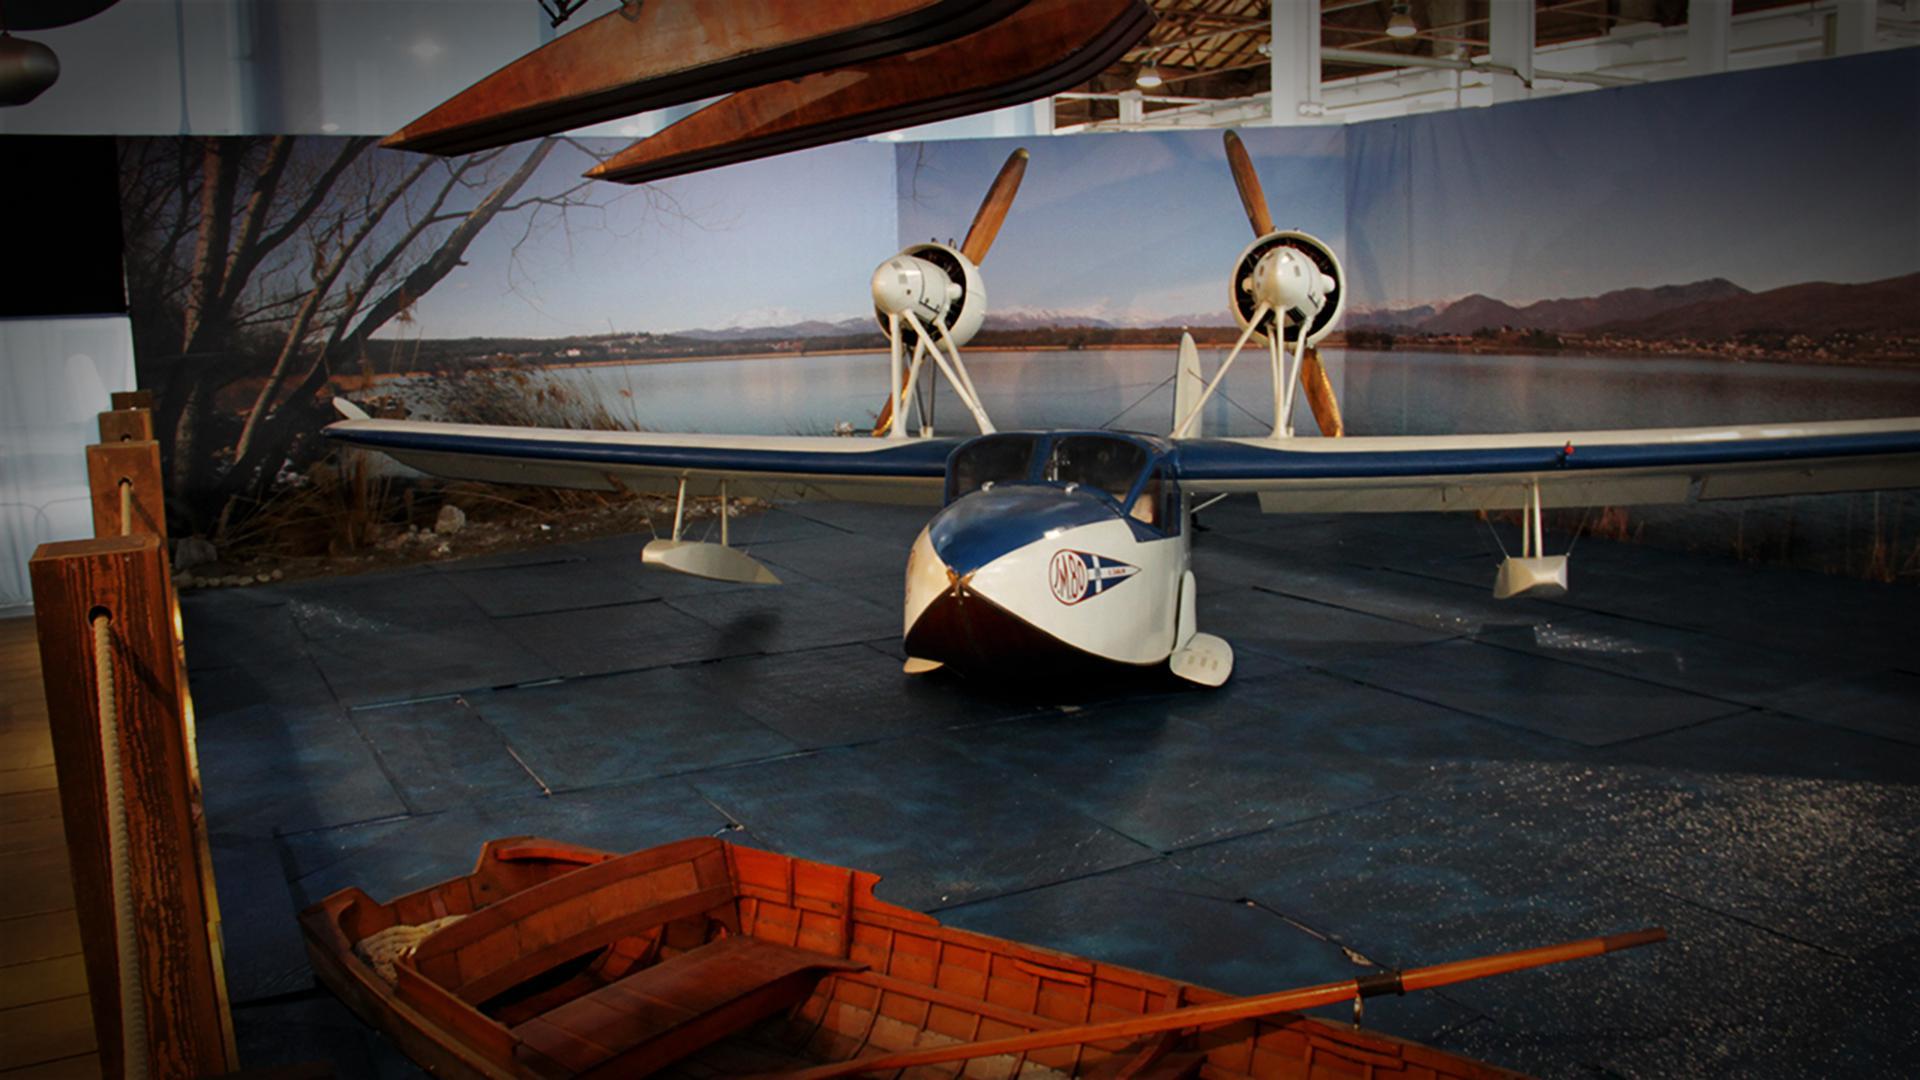 museo-volo-volandia-49